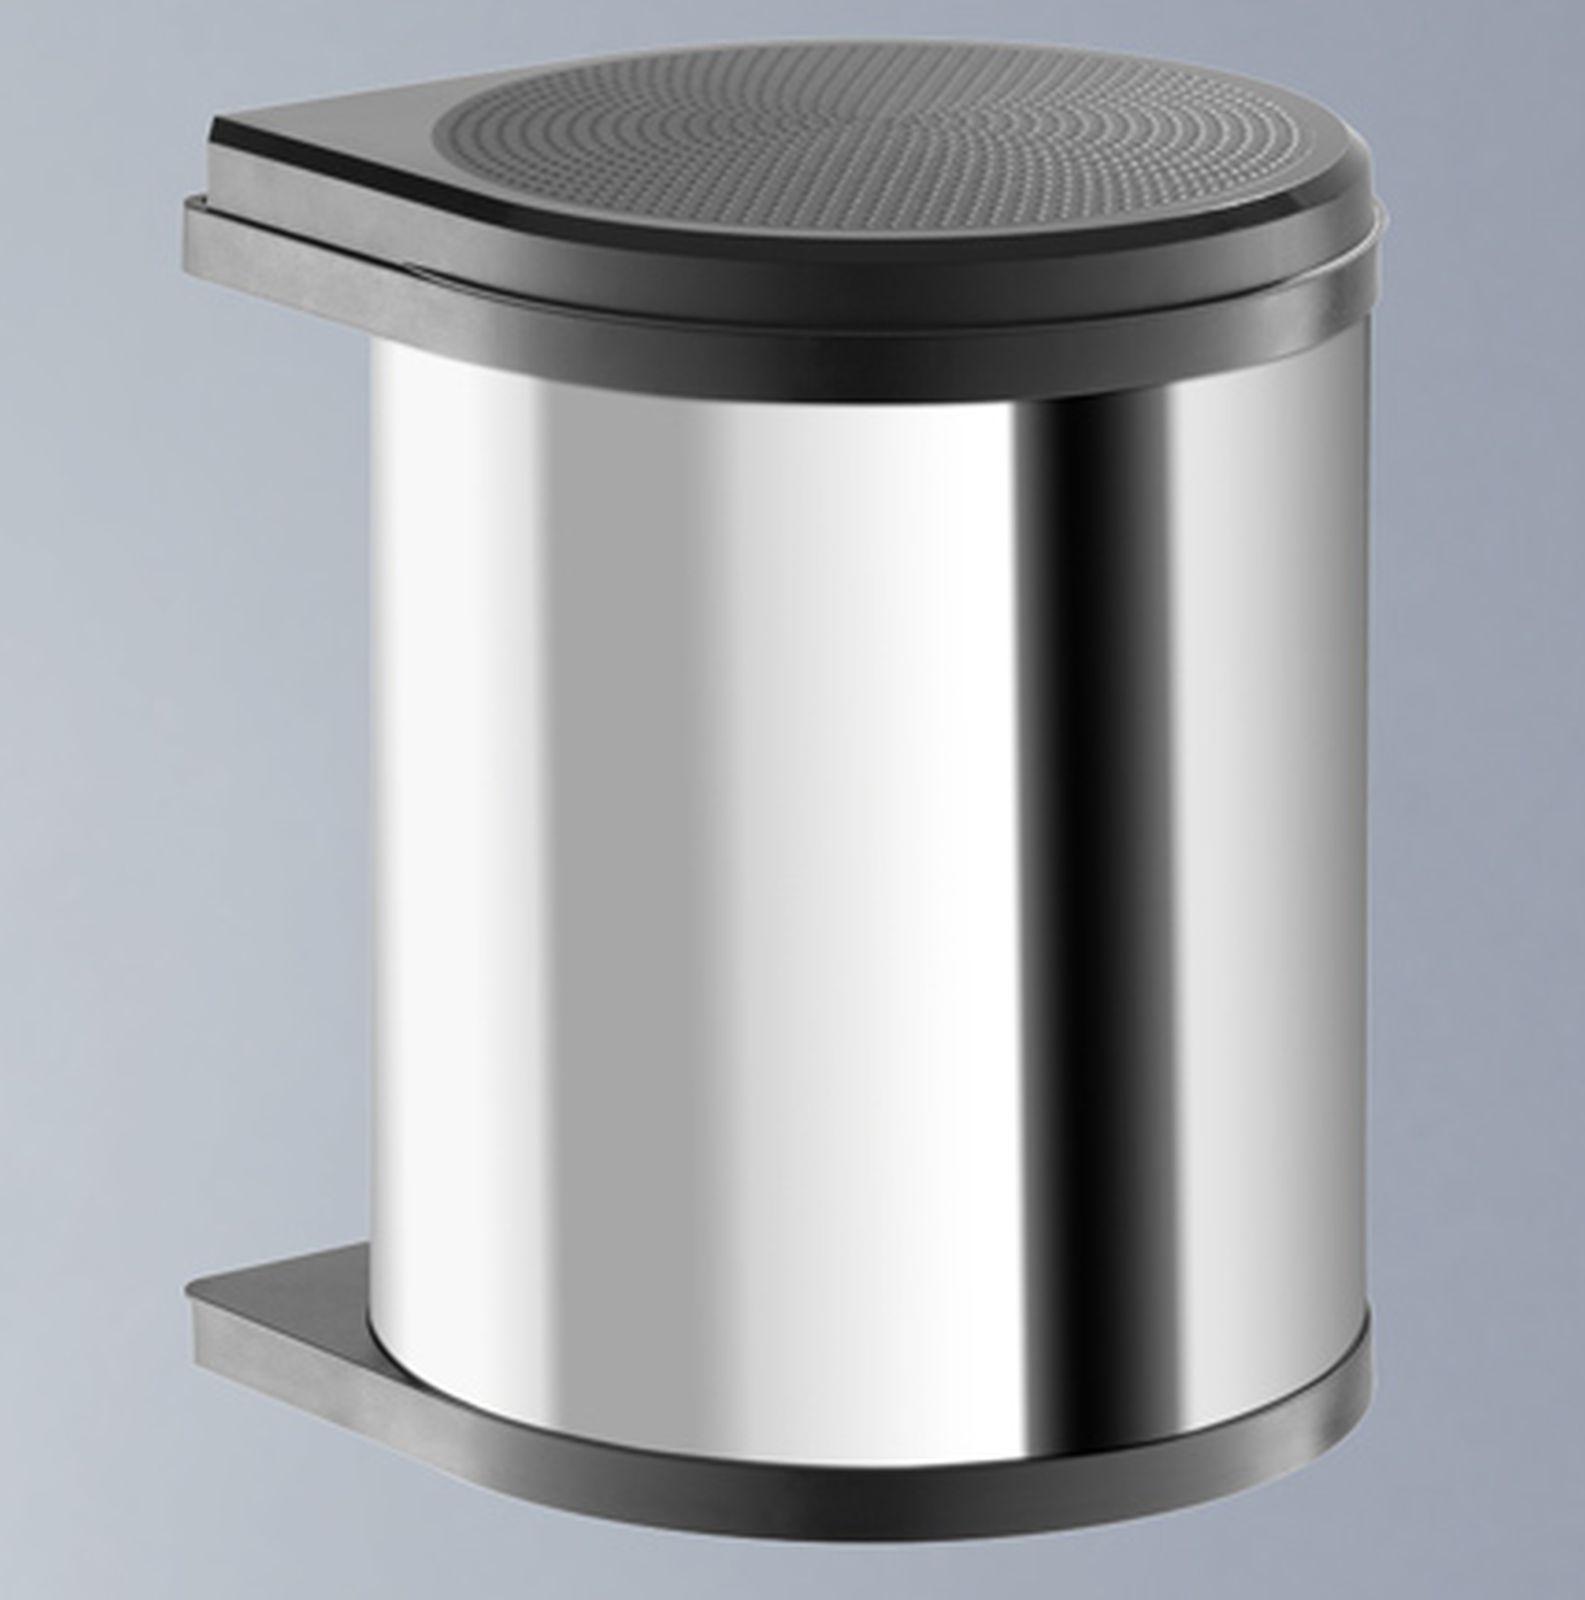 Hailo Mono Abfall Mülleimer Küche 15 Liter Edelstahl Bad ...